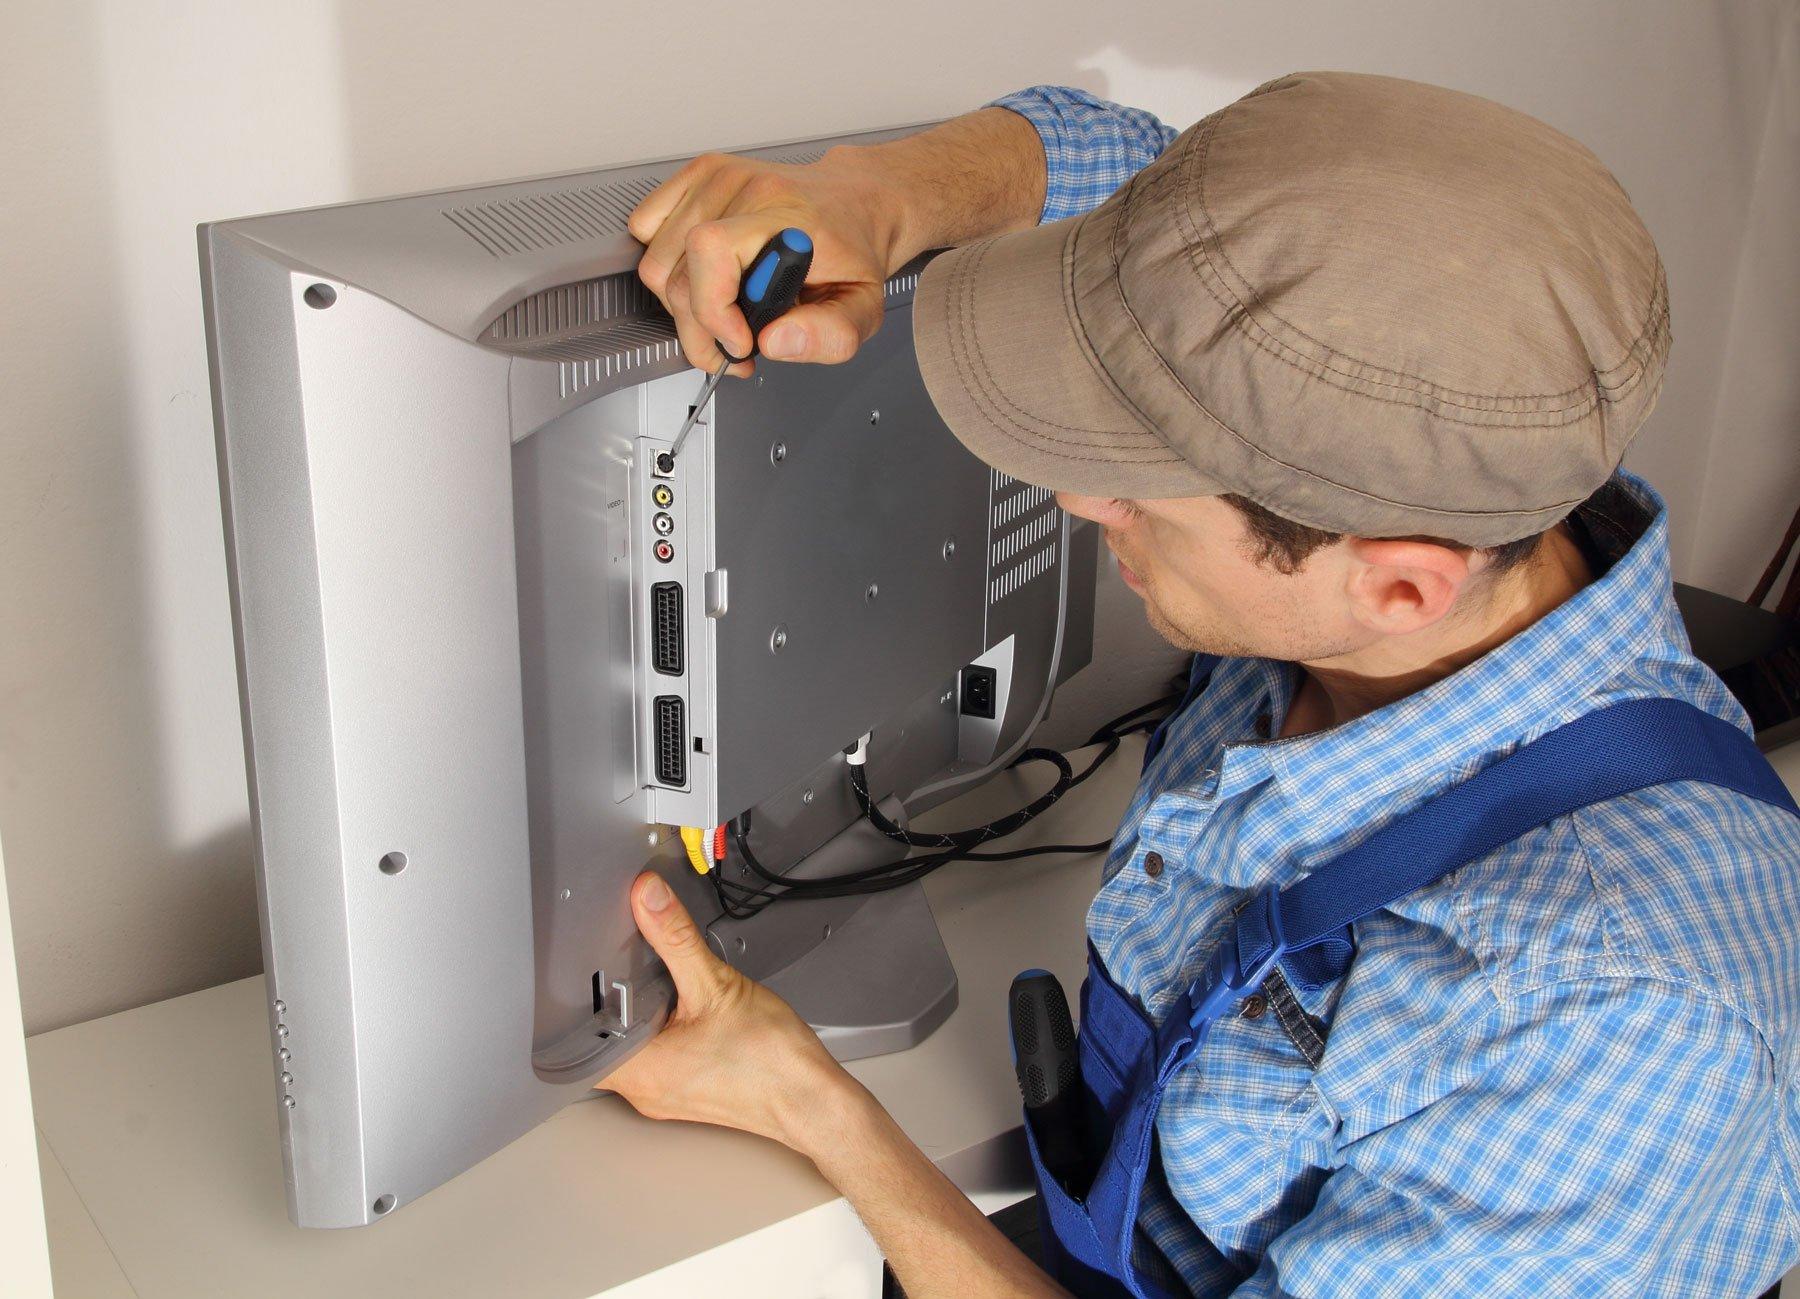 l'installazione e la riparazione del sistema di tv e hi-fi